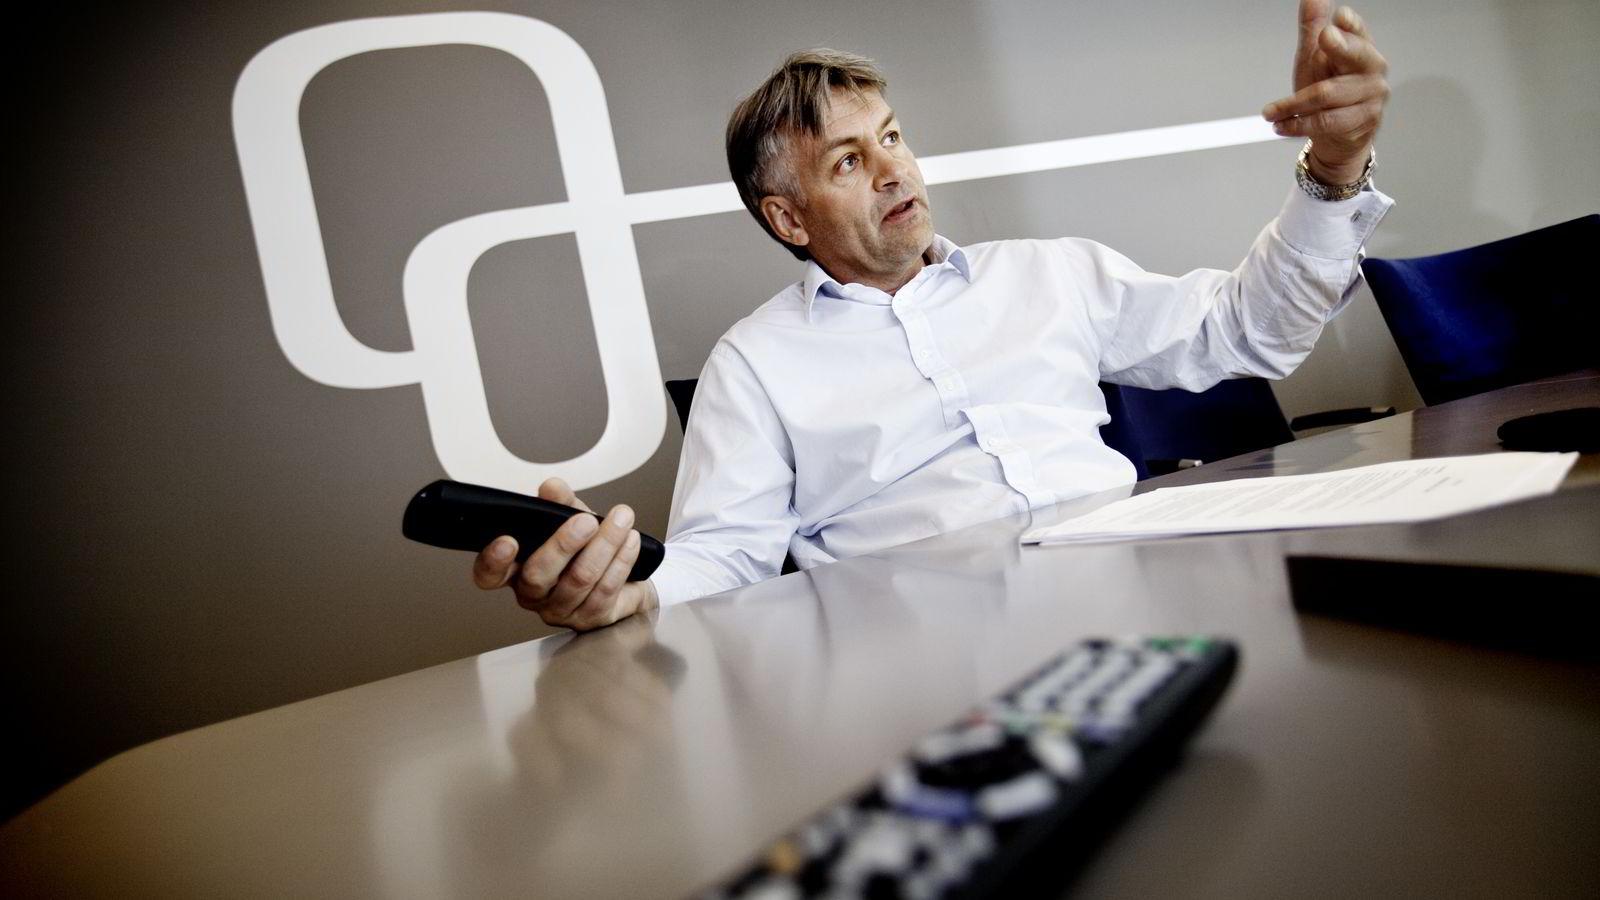 FRA FJERNKONTROLL TIL MOBILTELEFON? Toppsjef Gunnar Evensen i Get kan komme til å lansere mobiltjenester sammen med sine nye eiere i fremtiden.